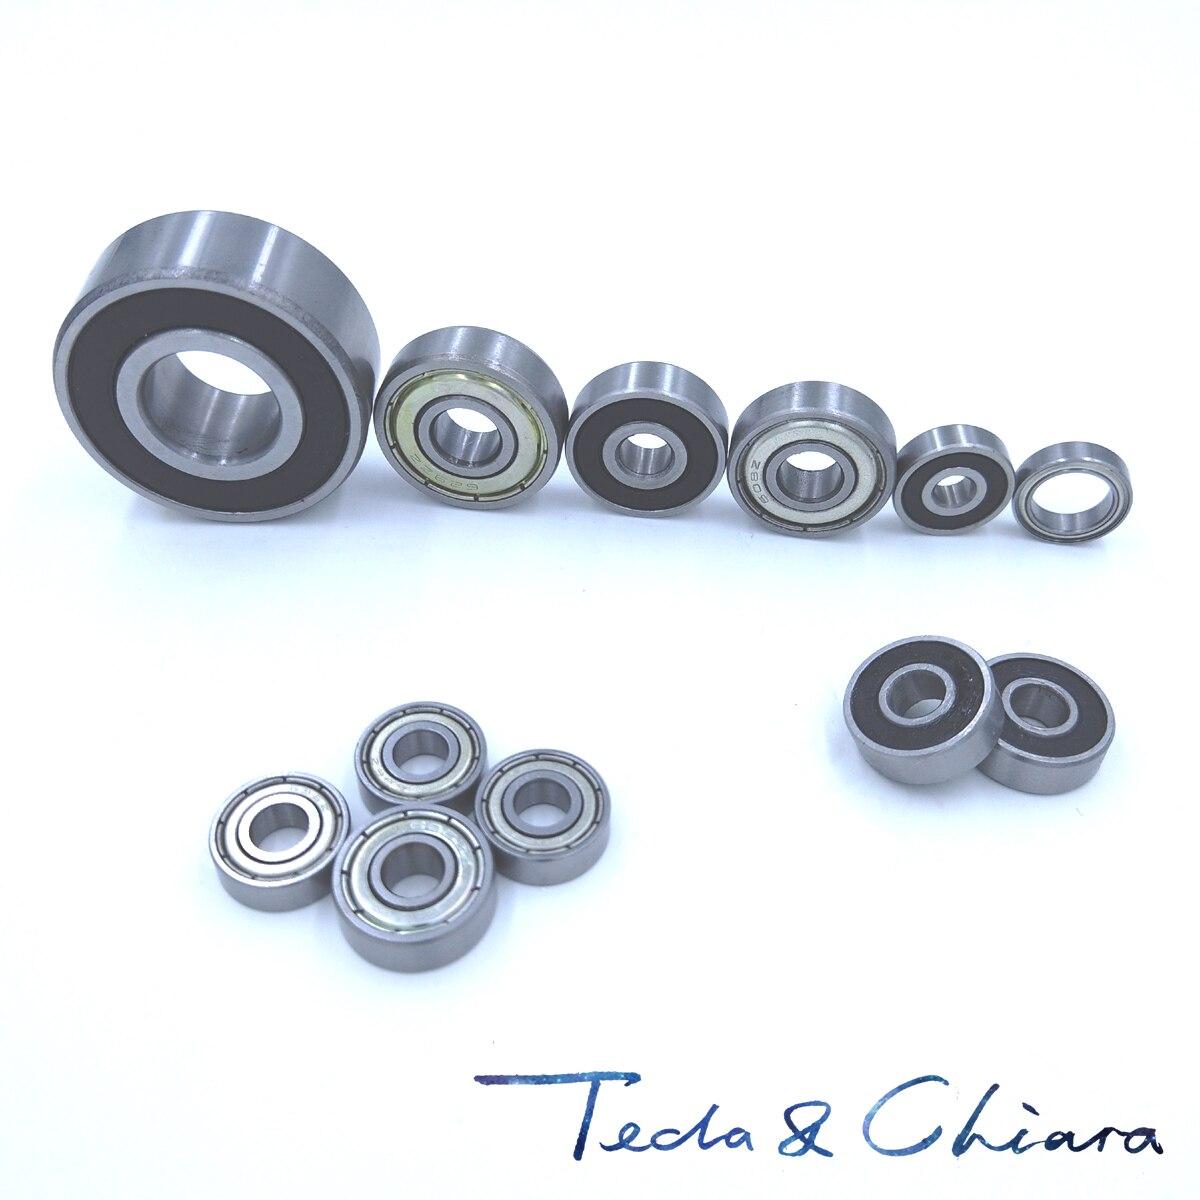 10Pcs 1Lot 686 686ZZ 686RS 686-2Z 686Z 686-2RS ZZ RS RZ 2RZ Deep Groove Ball Bearings 6 X 13 X 5mm